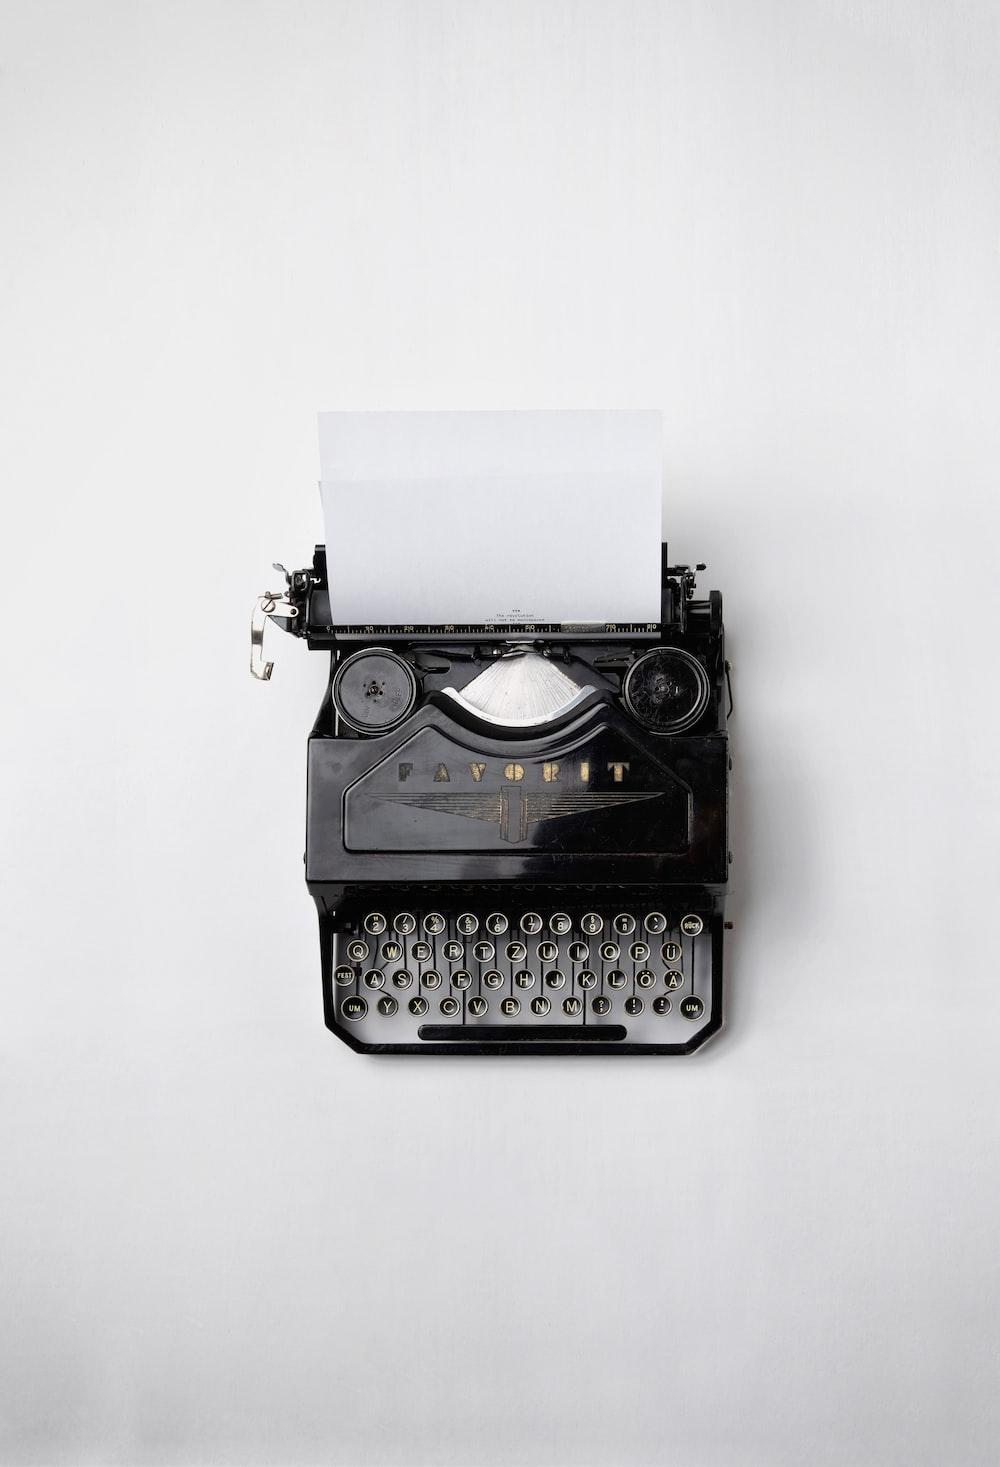 black Fayorit typewriter with printer paper